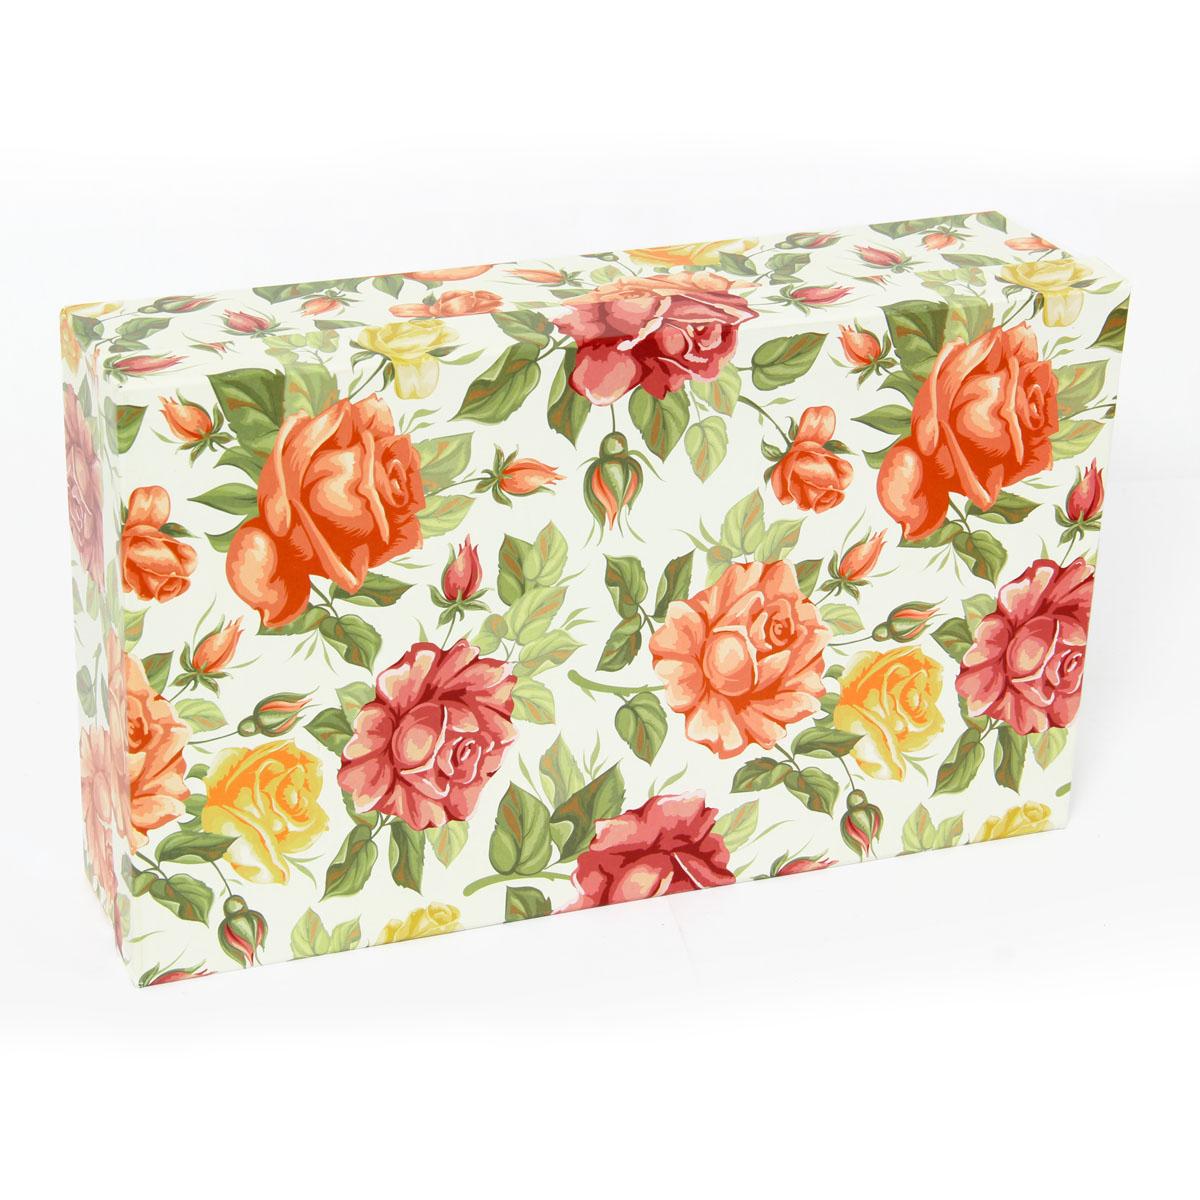 Набор подарочных коробок Veld-Co Цветущие розы, прямоугольные, 5 шт набор подарочных коробок veld co нежные розы кубы 5 шт